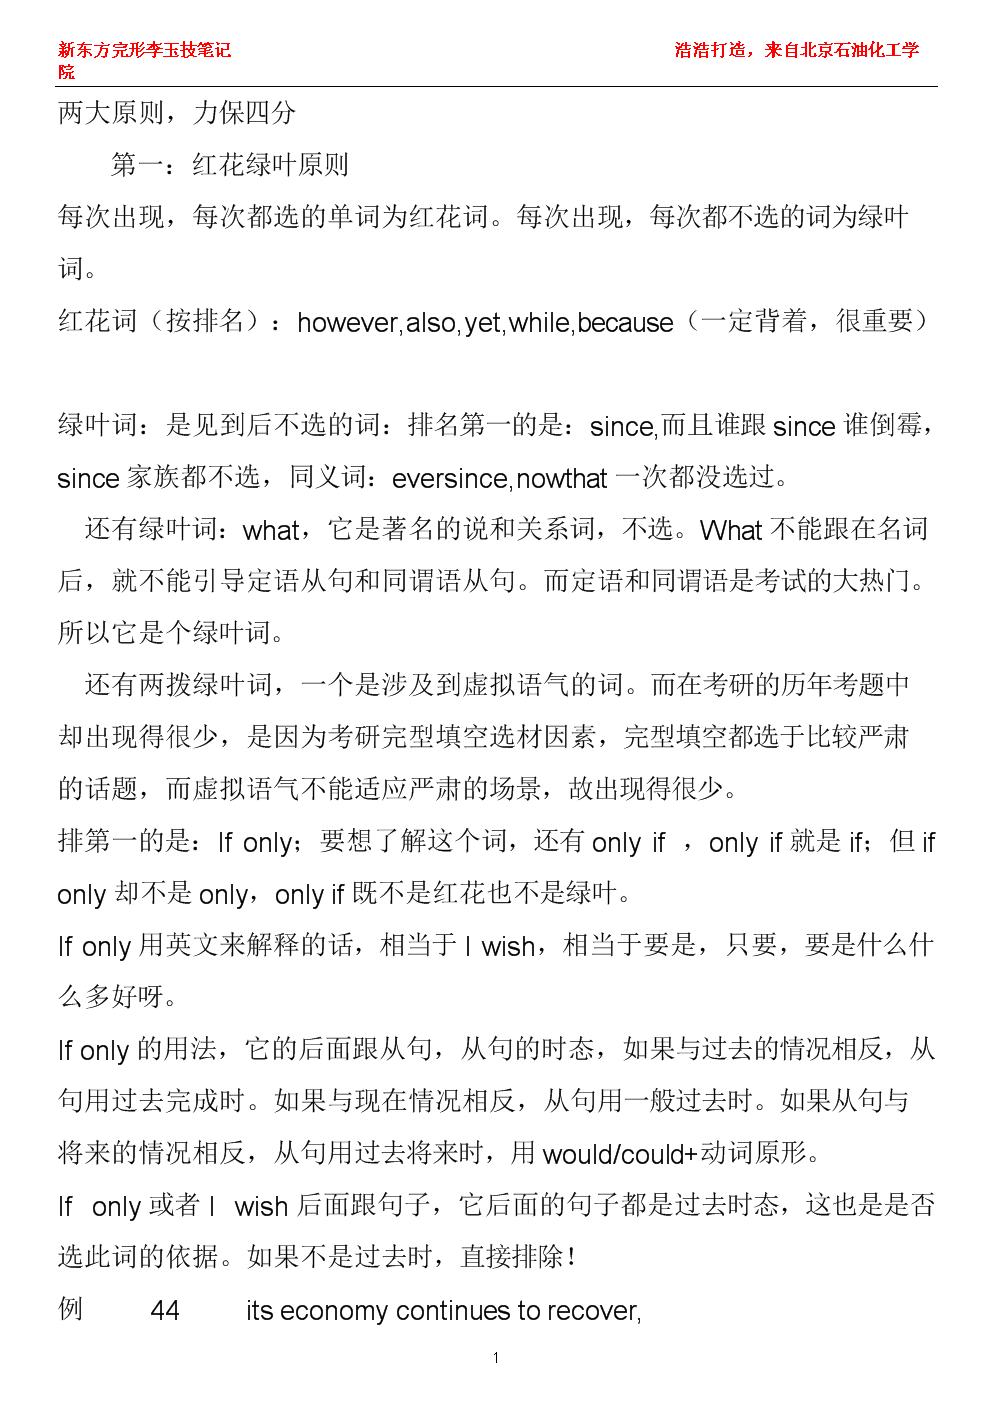 考研英语新东方李玉技完型填空笔记资料.doc